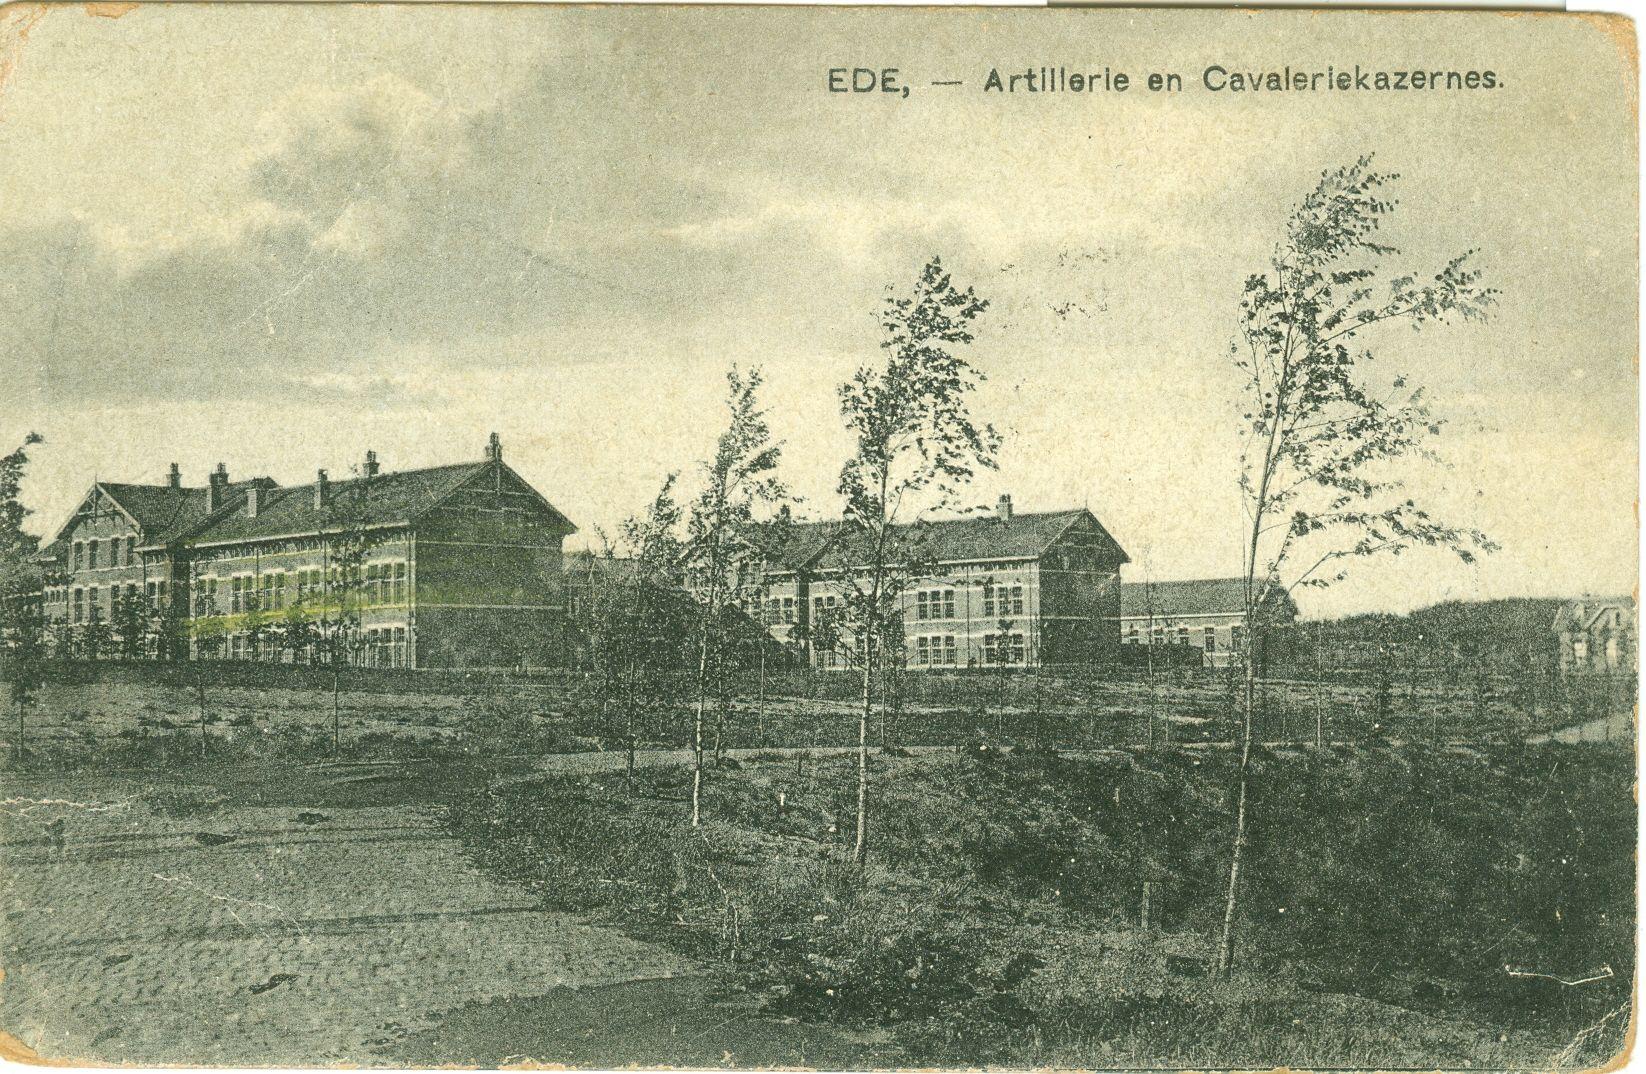 Artillerie en Cavalerie Kazernes Ede